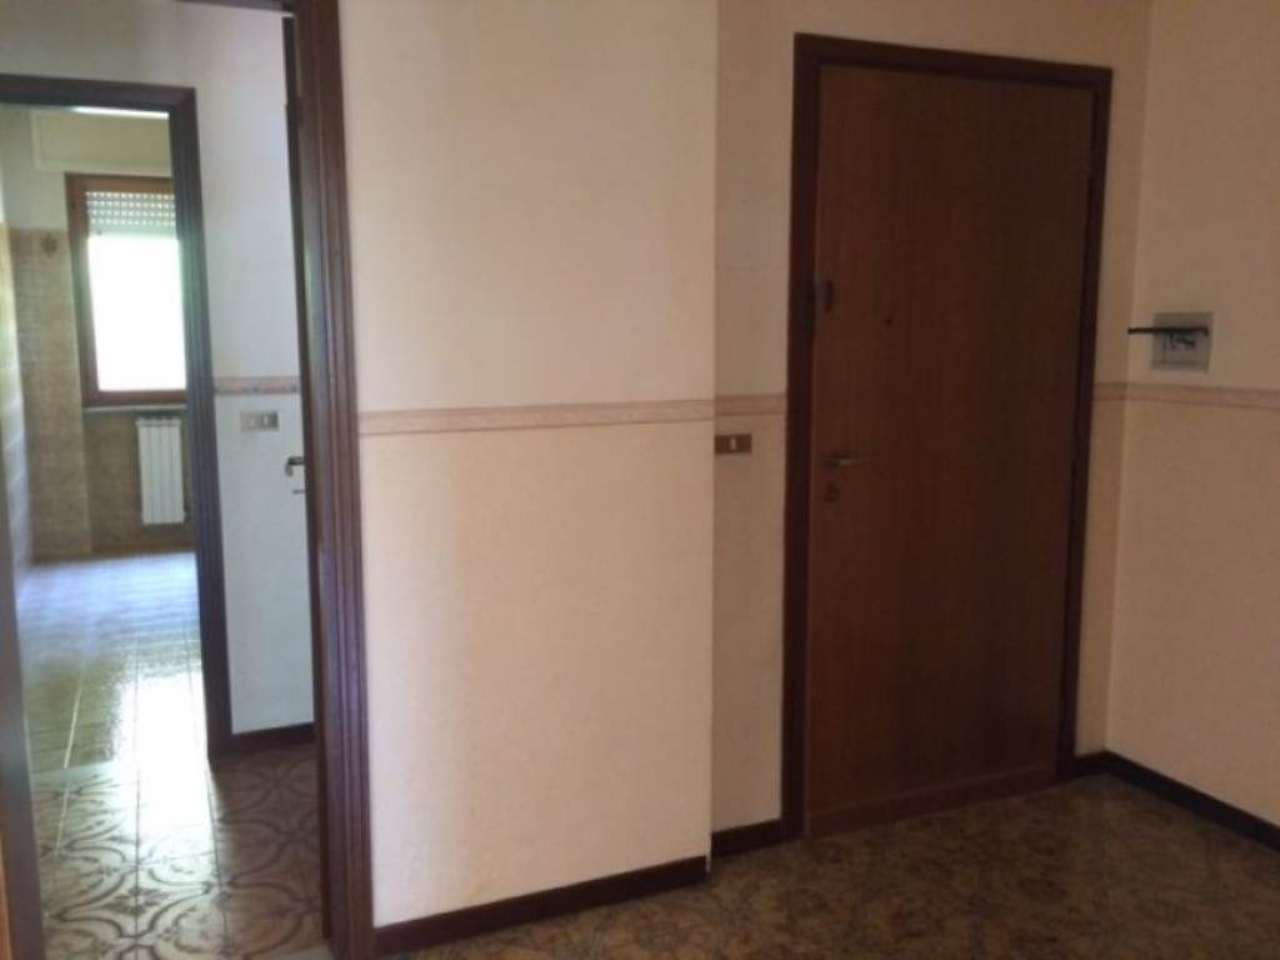 Appartamento in vendita a Gardone Val Trompia, 5 locali, Trattative riservate | Cambio Casa.it